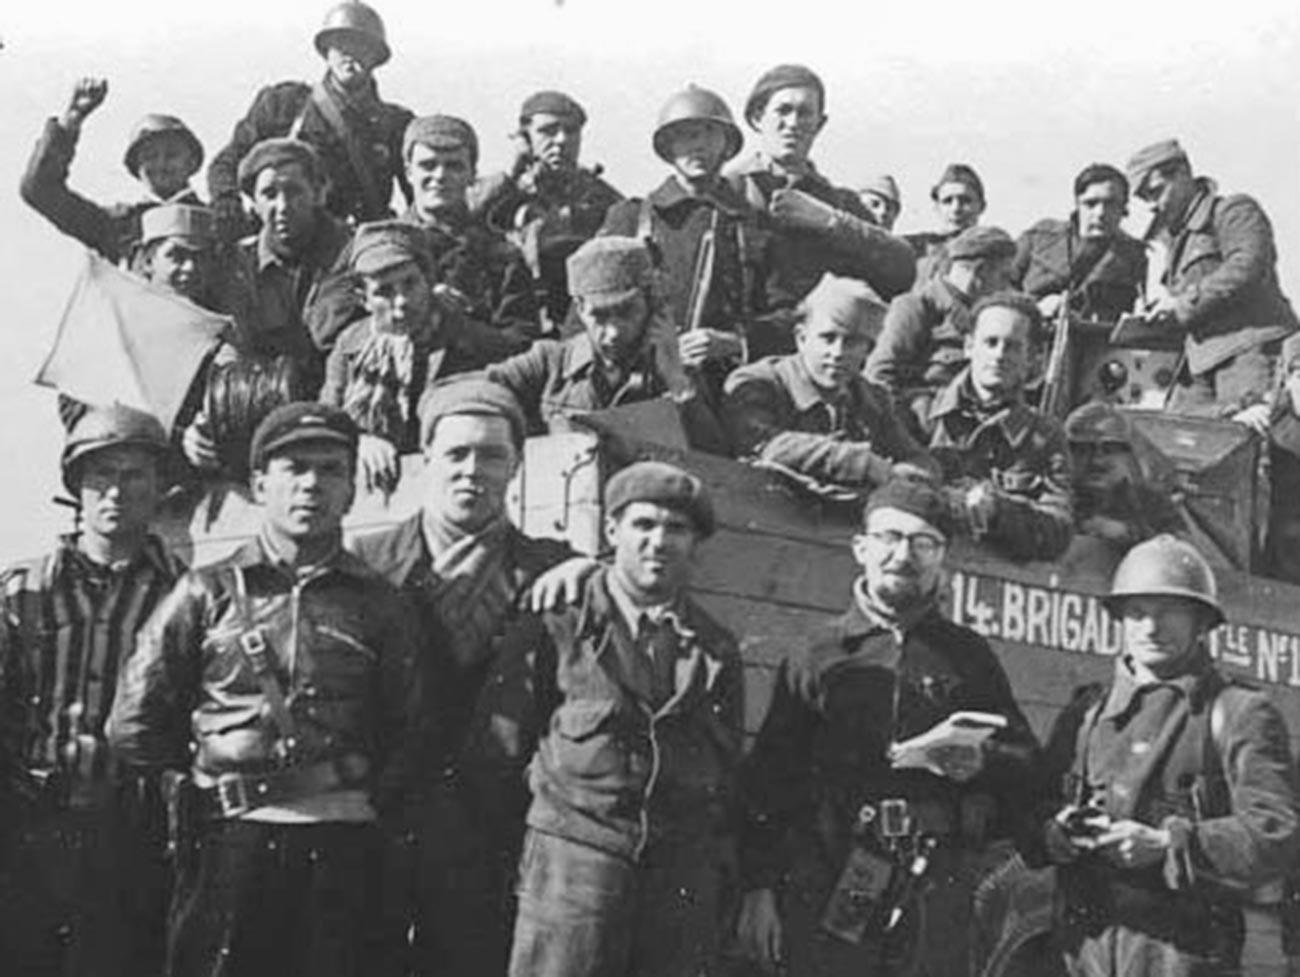 トレロドネスの第14国際旅団の兵士と指揮官